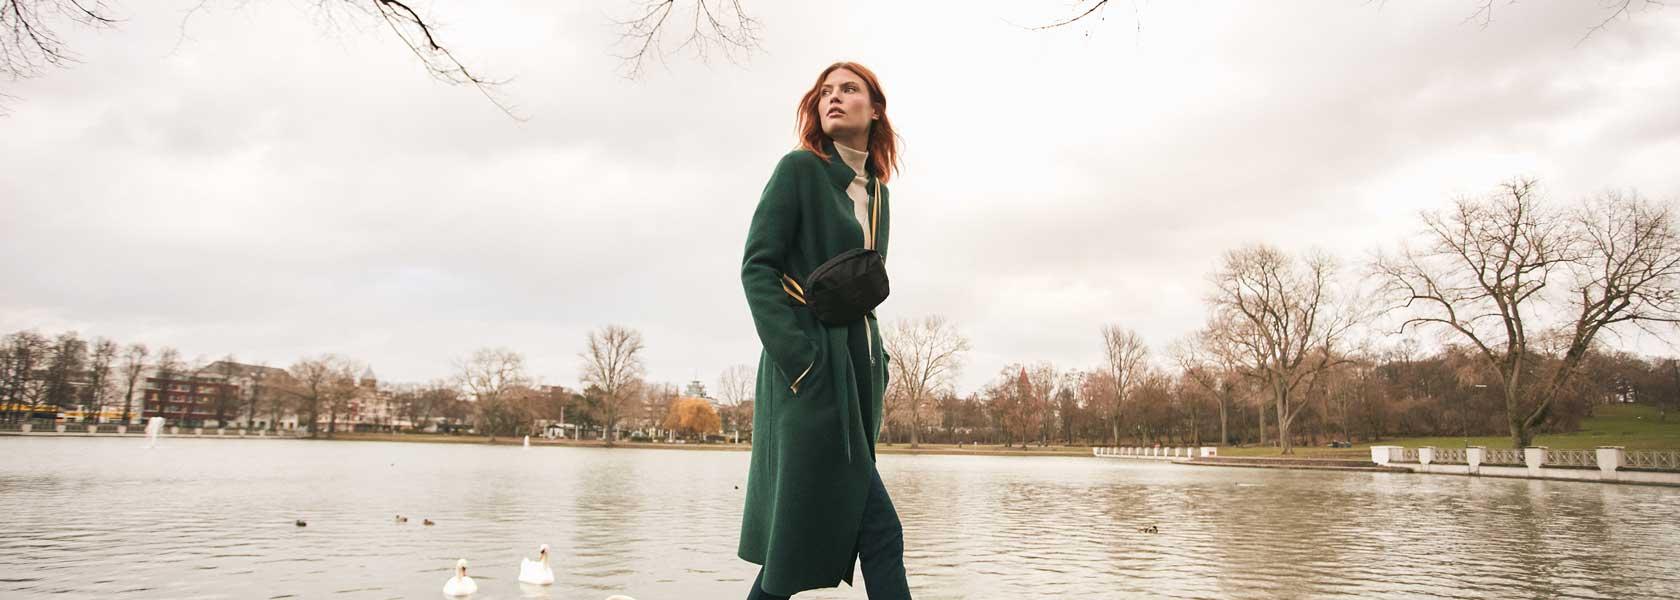 Frau in grünem Mantel vor See